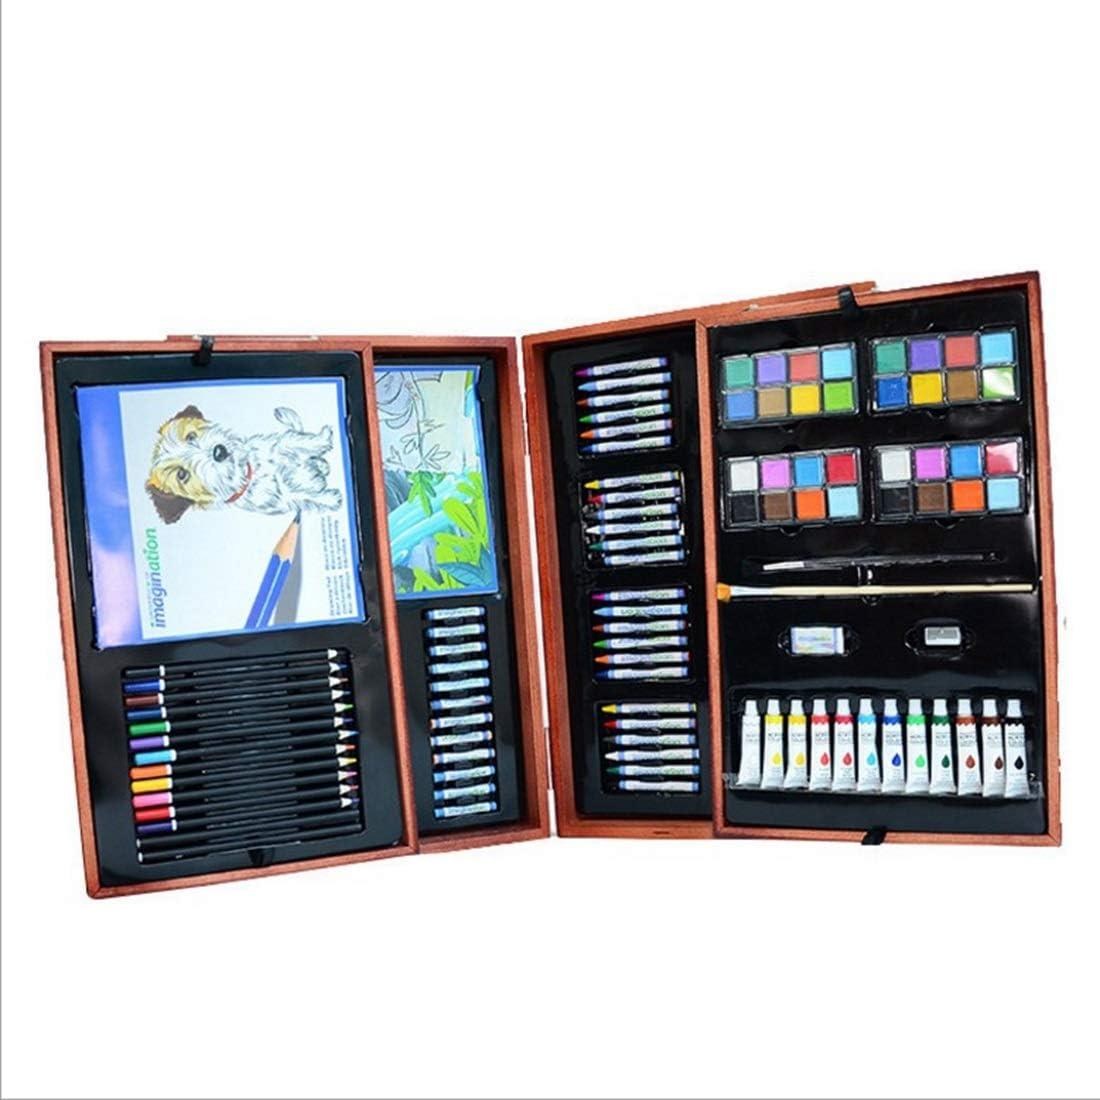 Makecny アートブラシ177個のセット木製のボックスの色のリードセット安全な環境保護子供の絵画セット (色 : Wood)